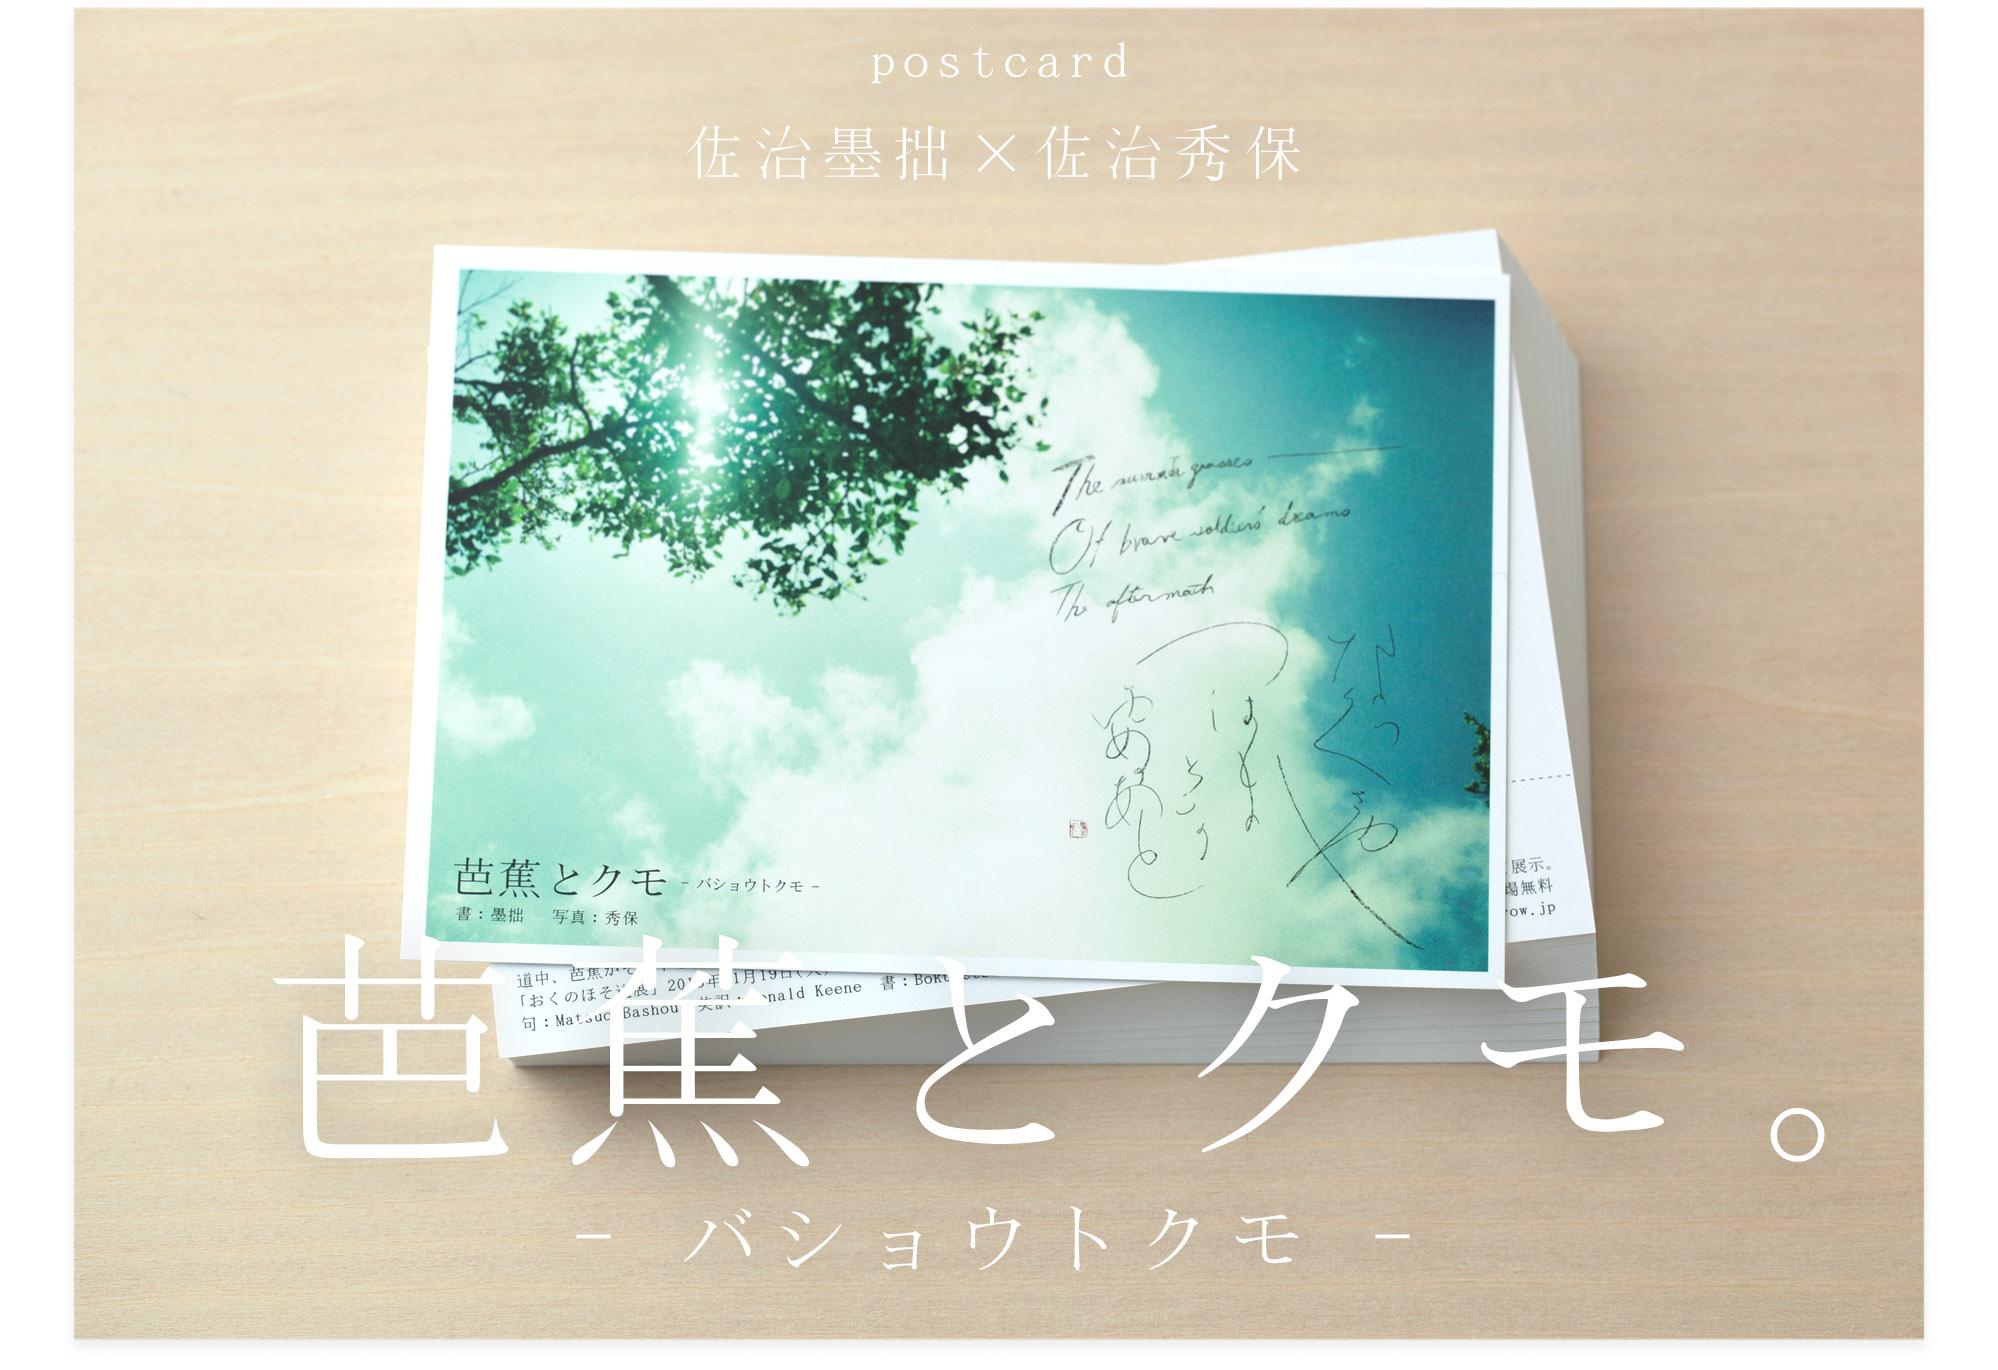 201301119_奥の細道展_ポストカード